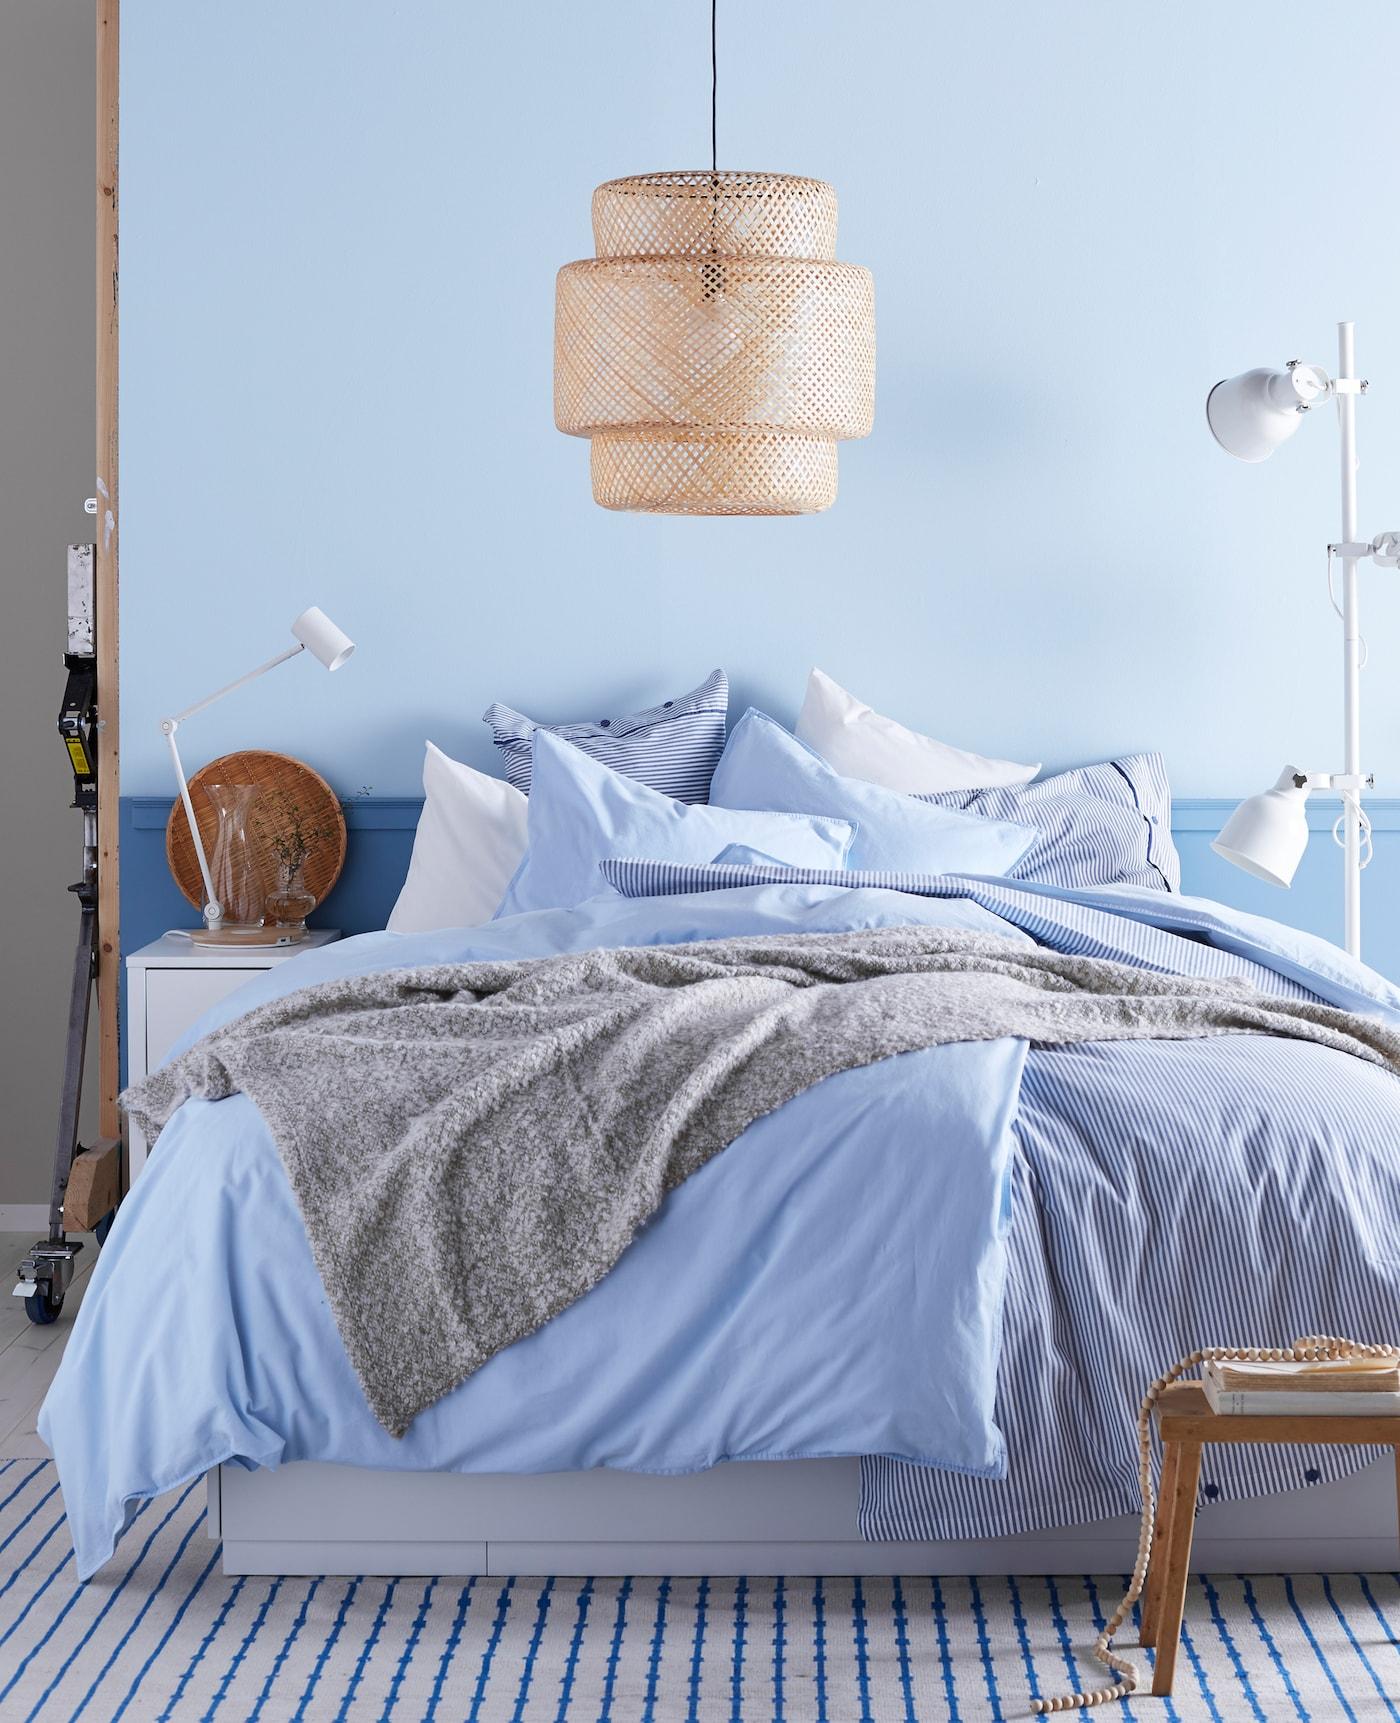 Schlafzimmer Mit Einem Blau Weißen Farbschema, Jeder Menge Decken Und  Kissen, U. A. Mit